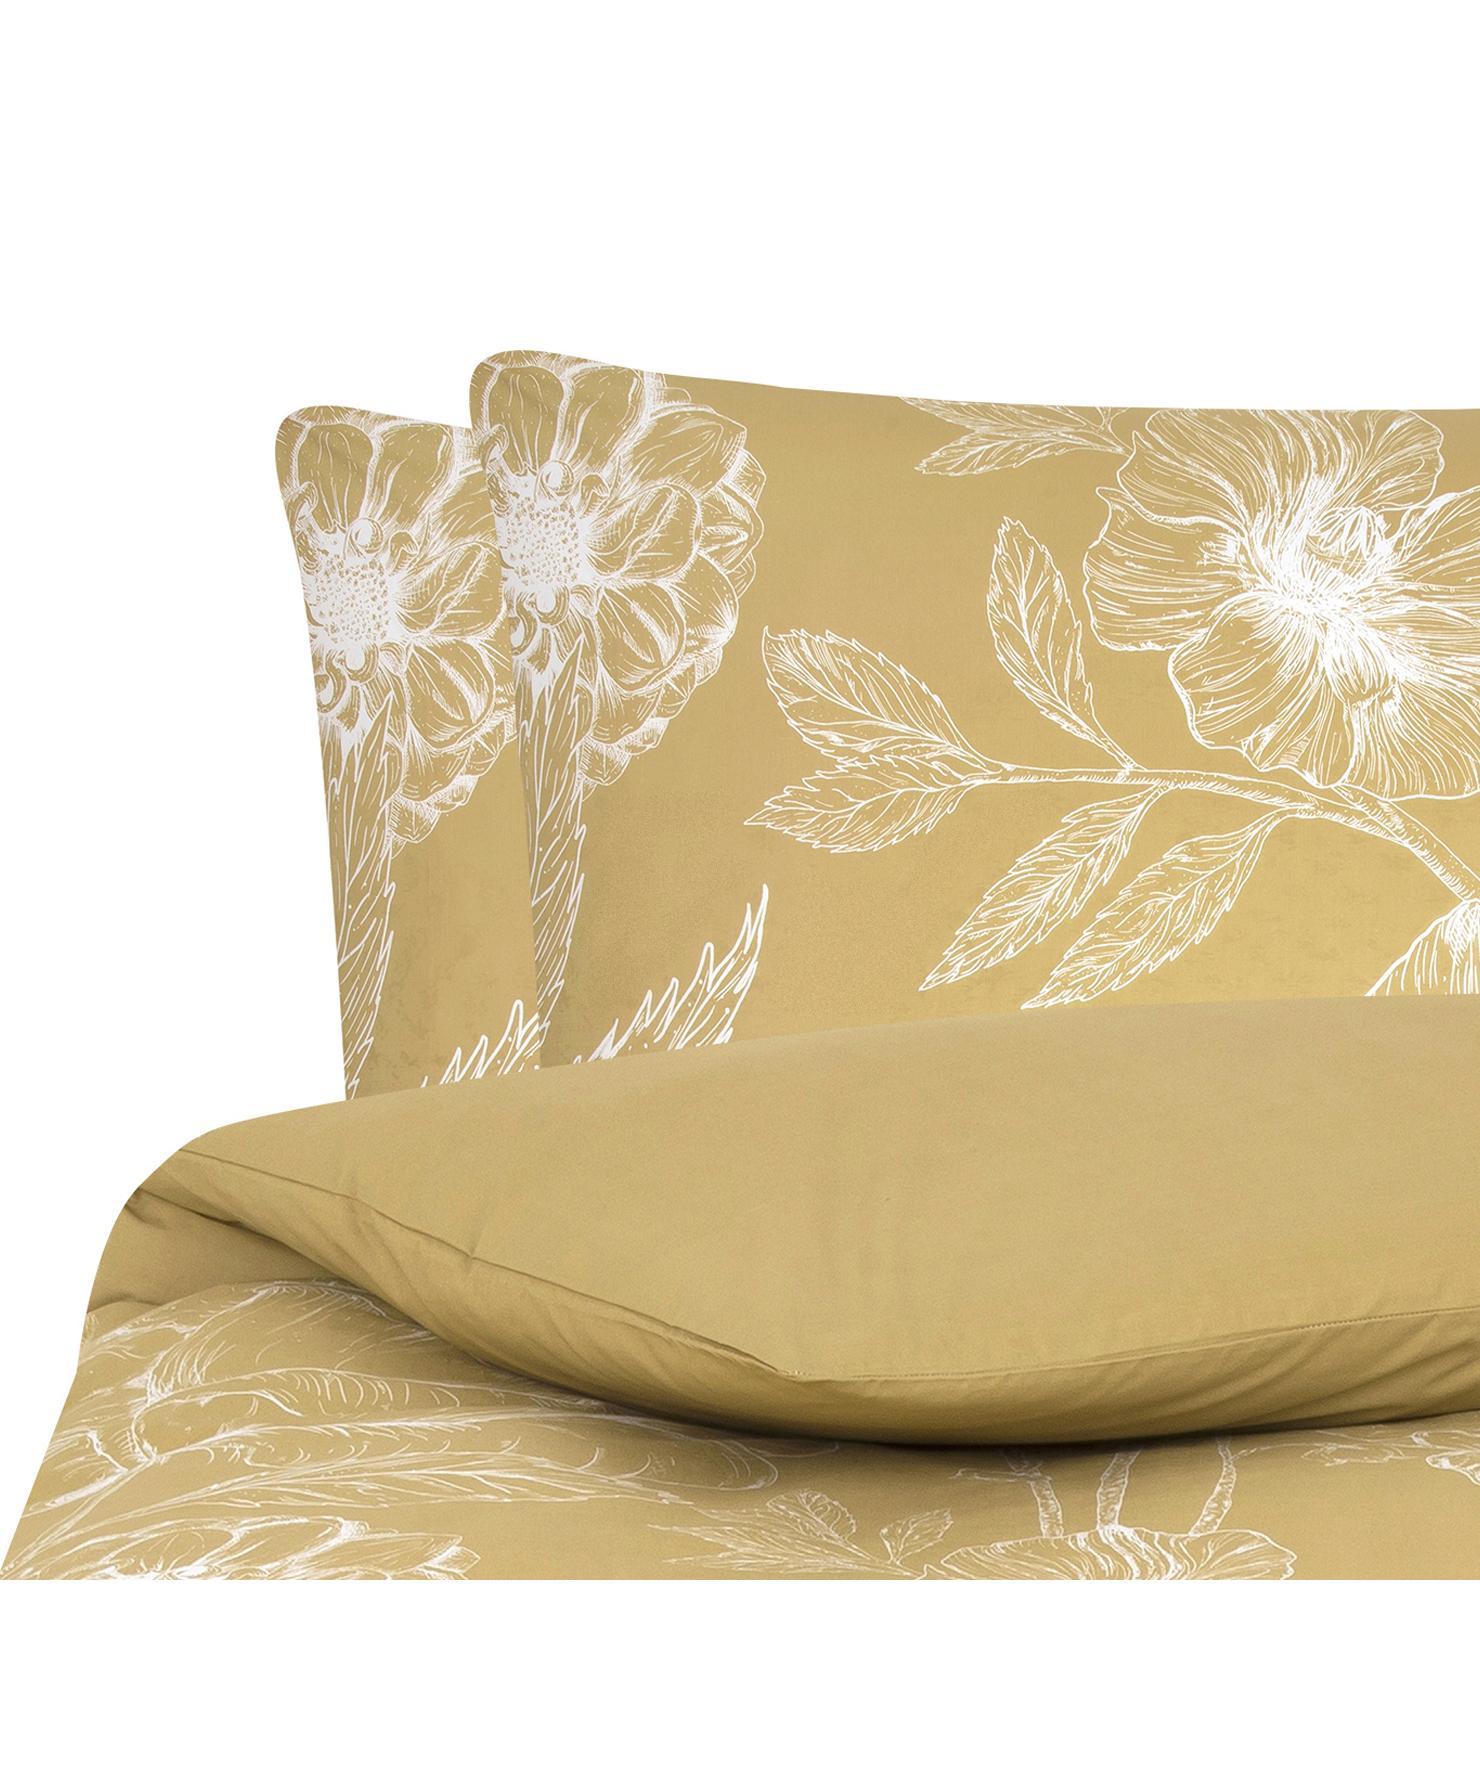 Baumwollperkal-Bettwäsche Keno mit Blumenprint, Webart: Perkal Fadendichte 180 TC, Senfgelb, Weiß, 200 x 200 cm + 2 Kissen 80 x 80 cm